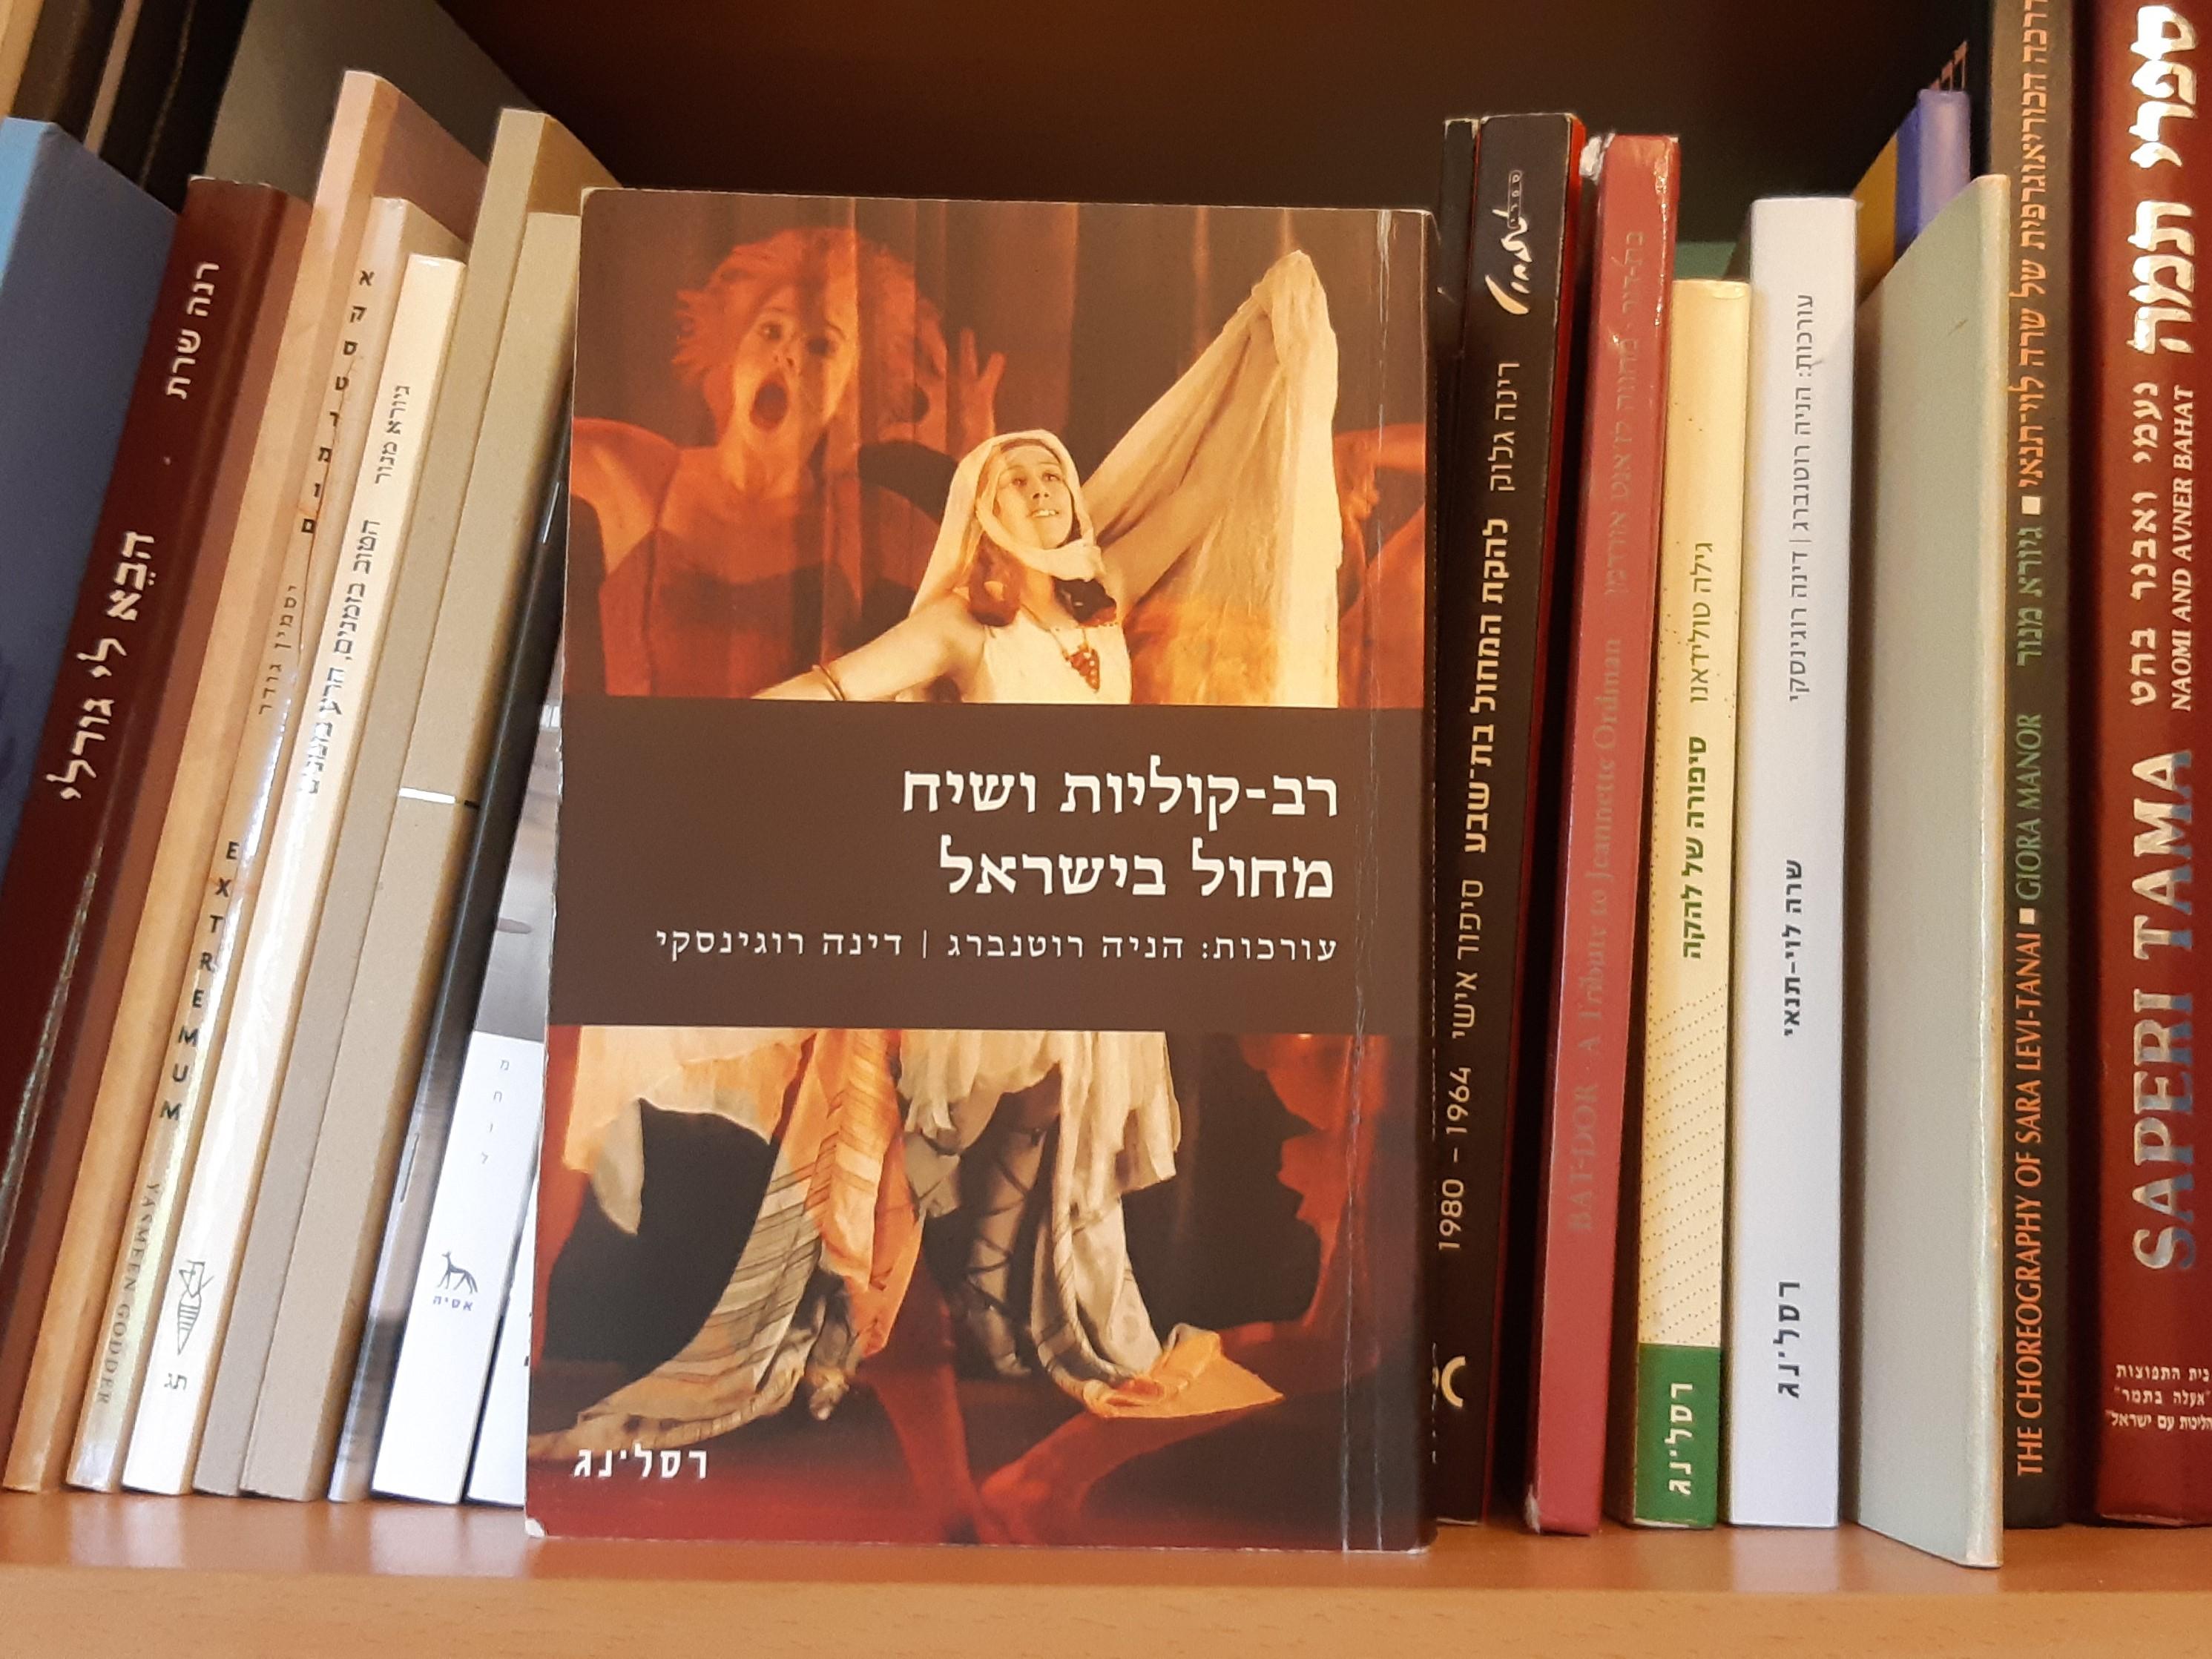 רב-קוליות ושיח מחול בישראל